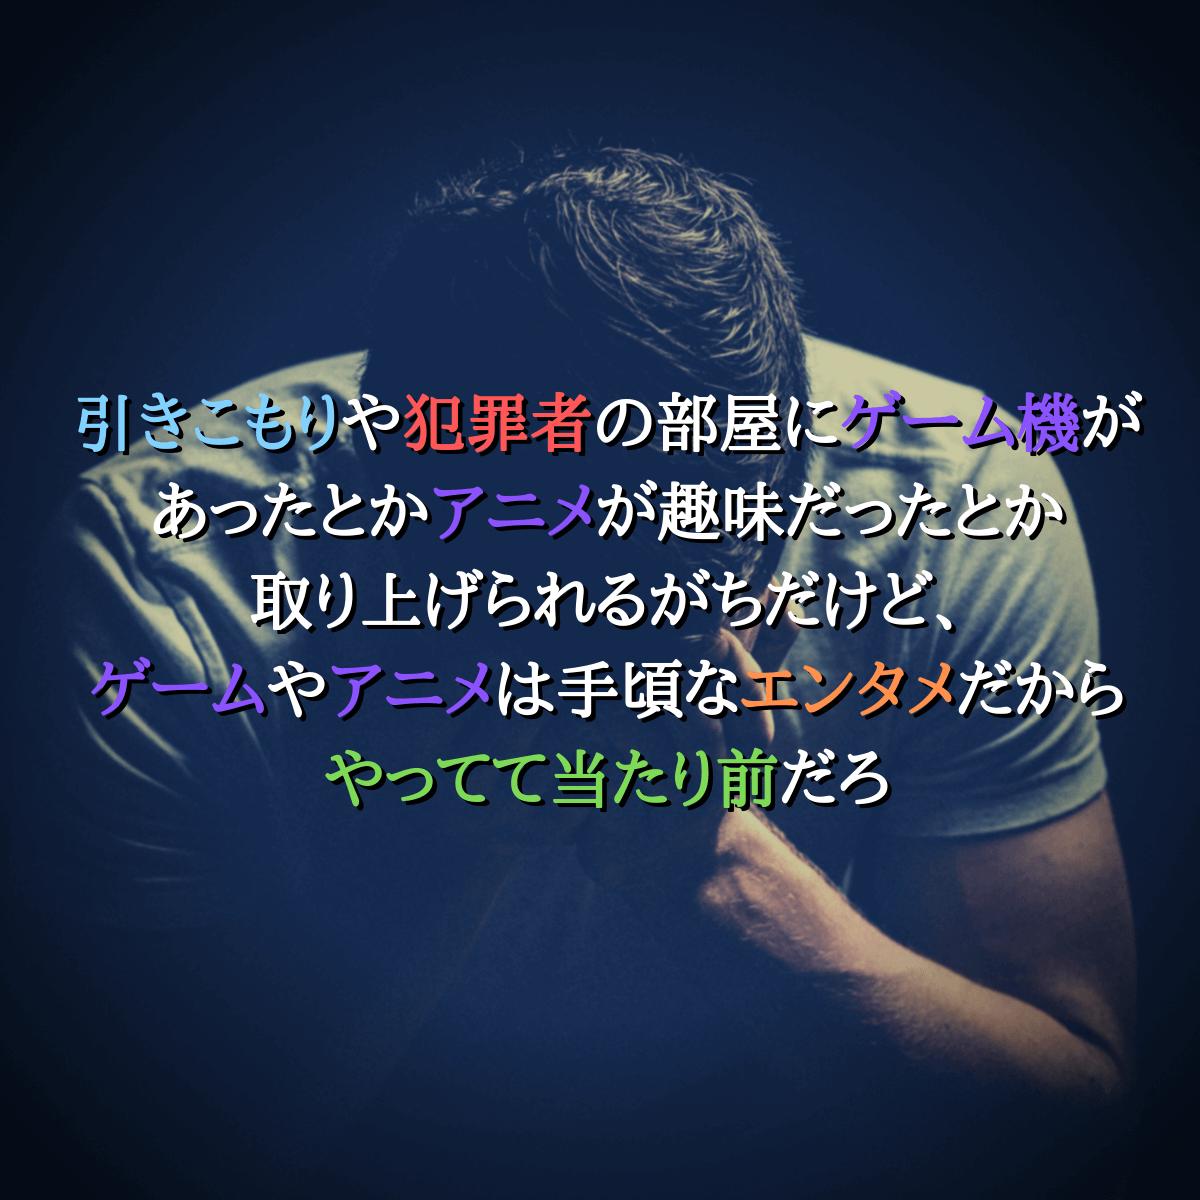 f:id:tosakax:20190629111457p:plain